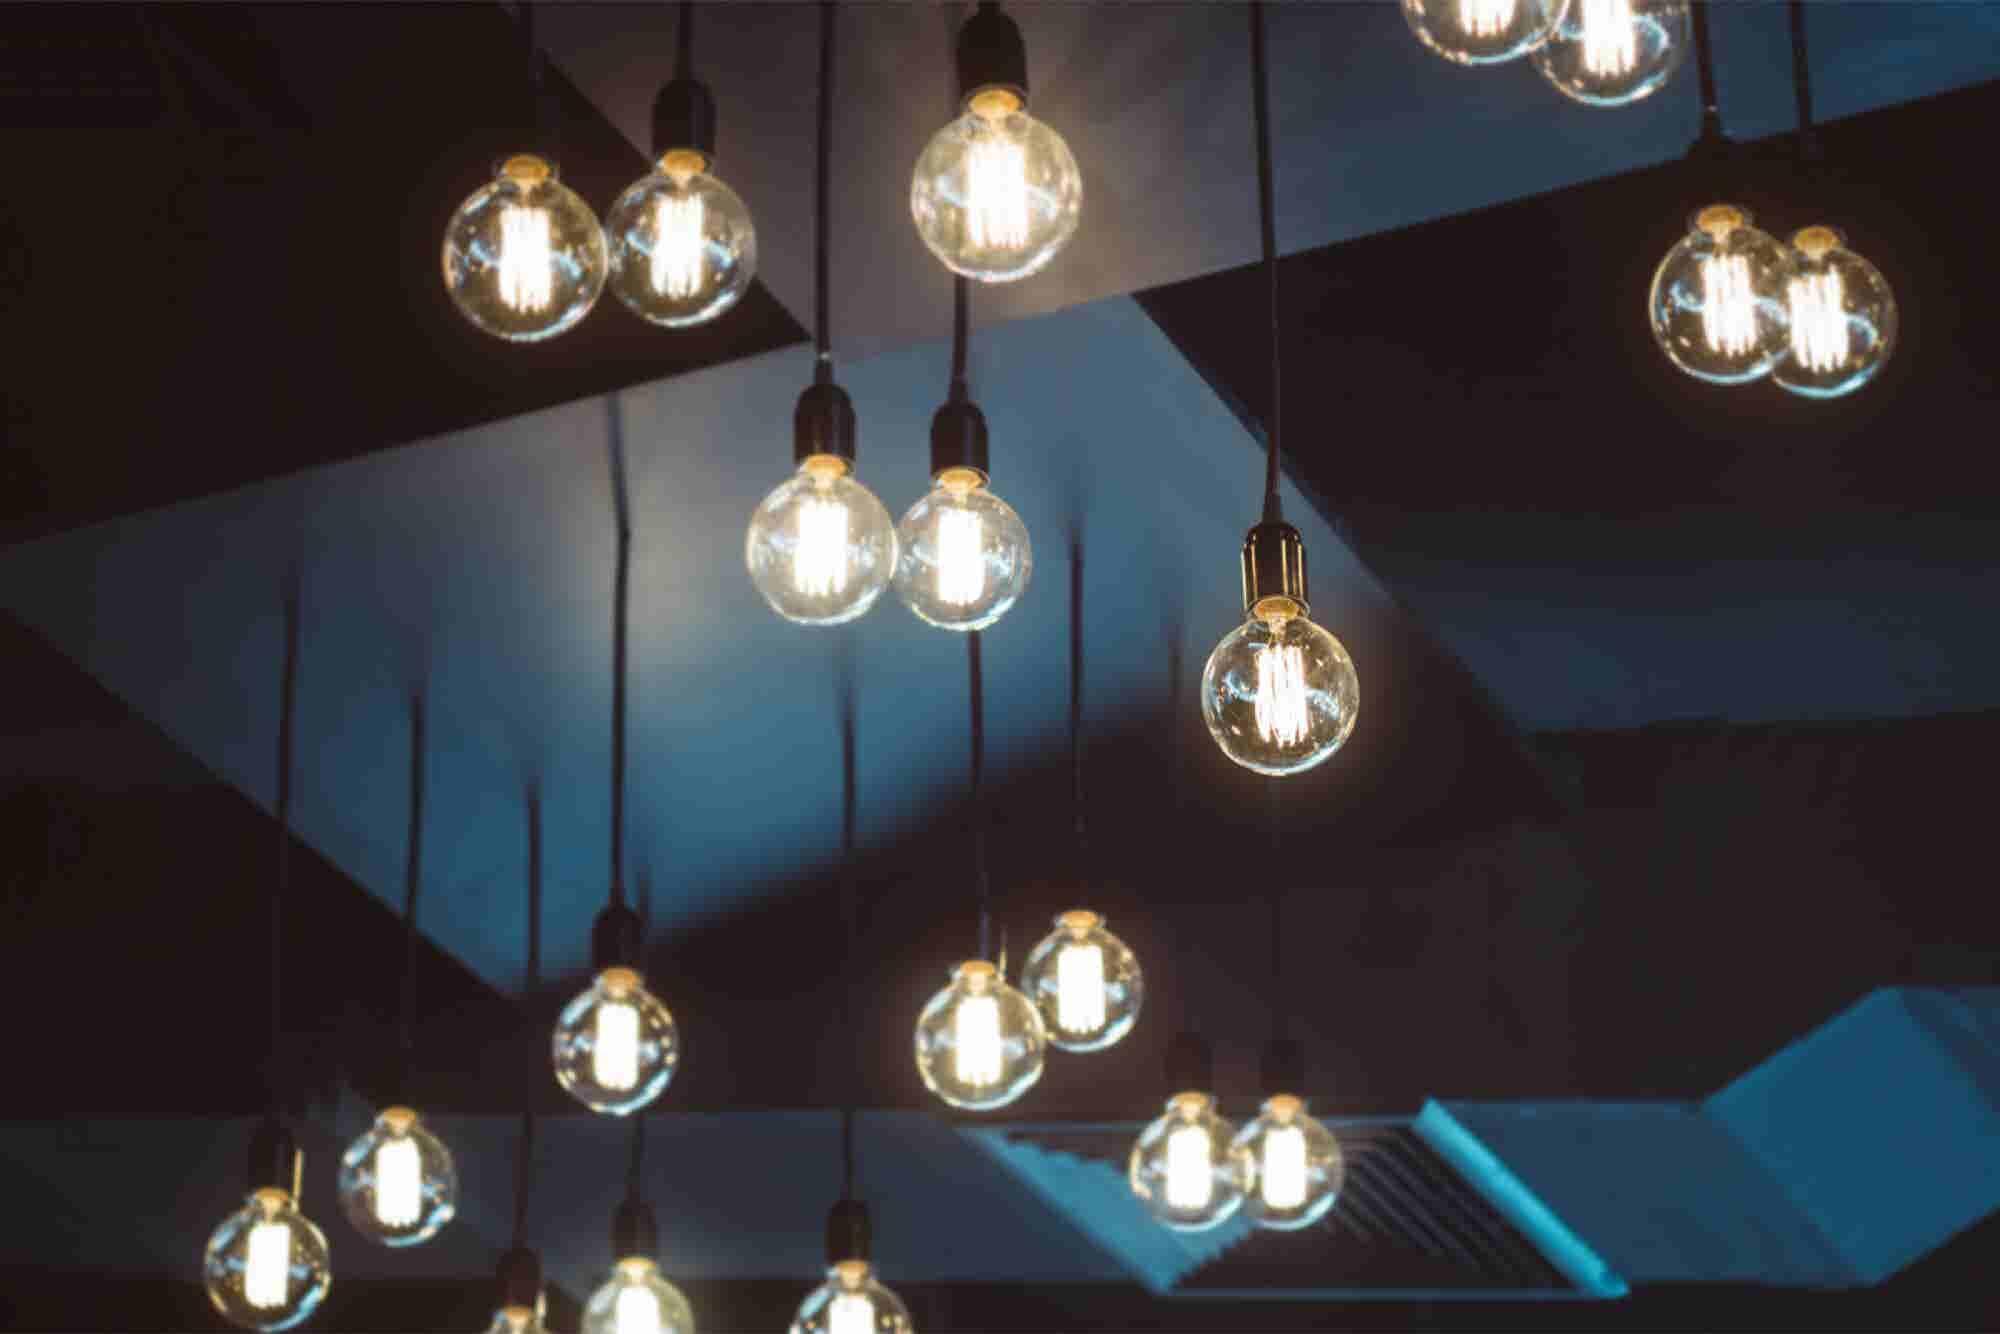 5 Ways to Make an Ordinary Idea Extraordinary